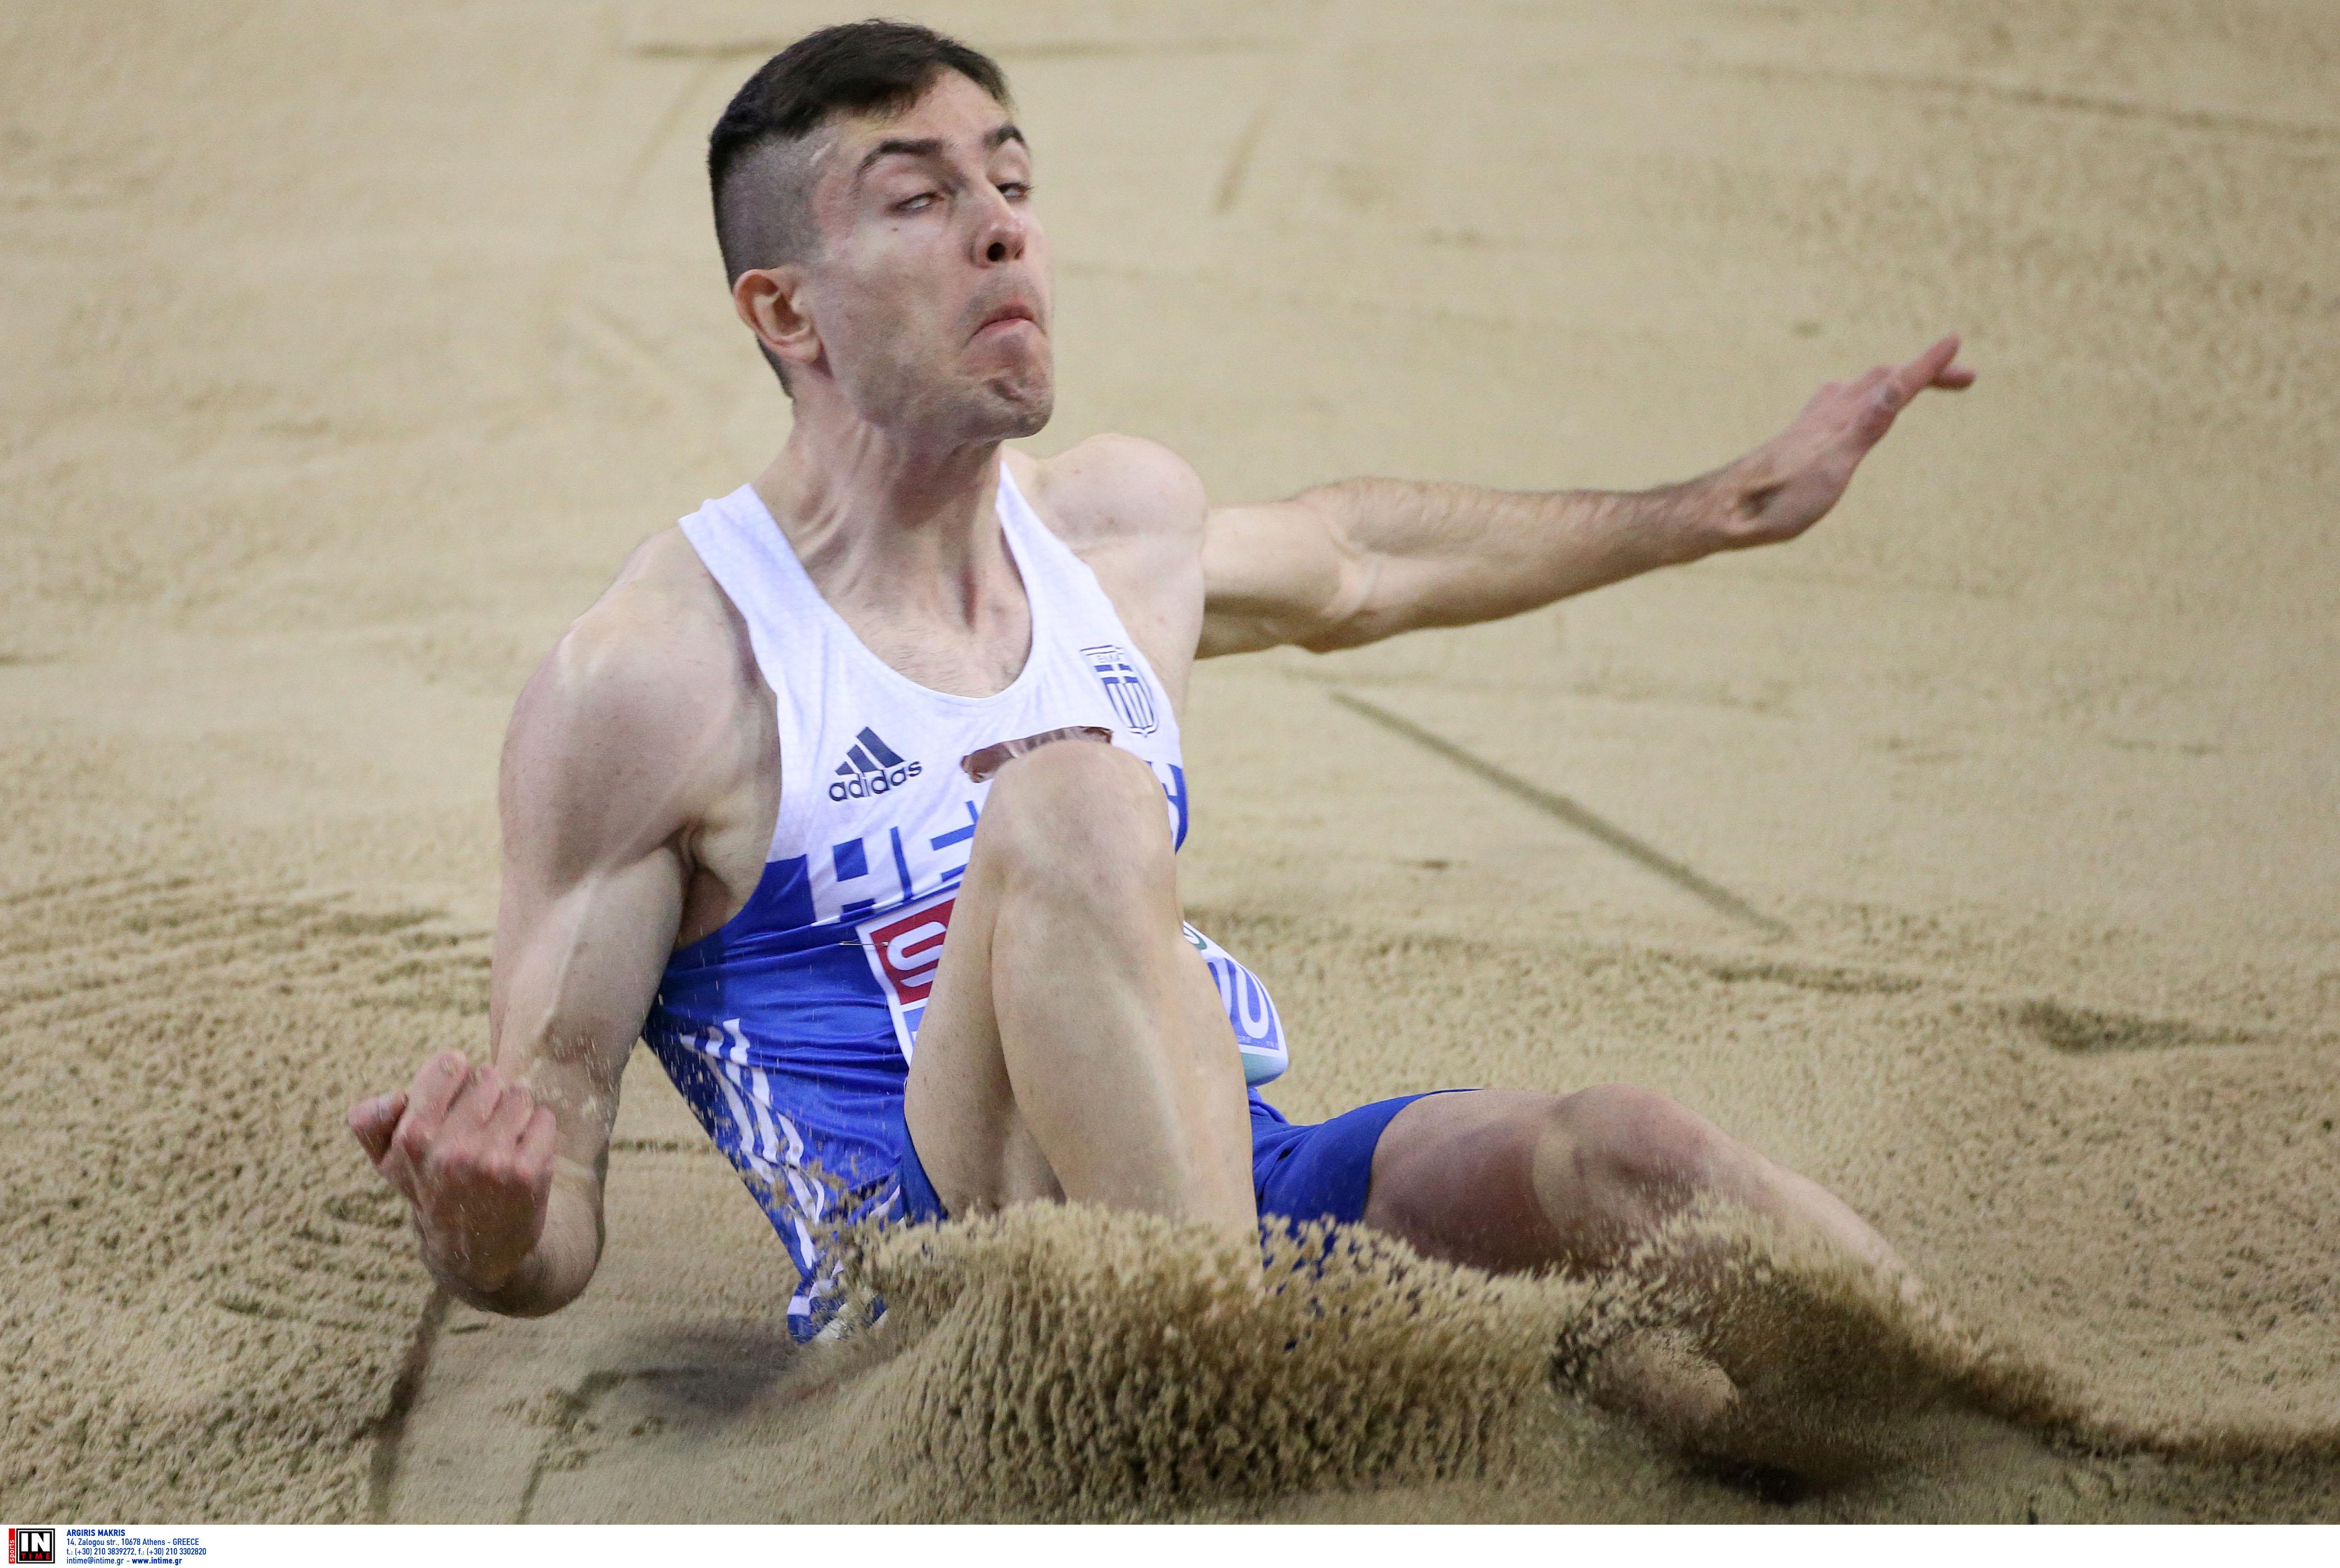 Συγχαρητήρια στον Τεντόγλου από τον νέο υφυπουργό Αθλητισμού!